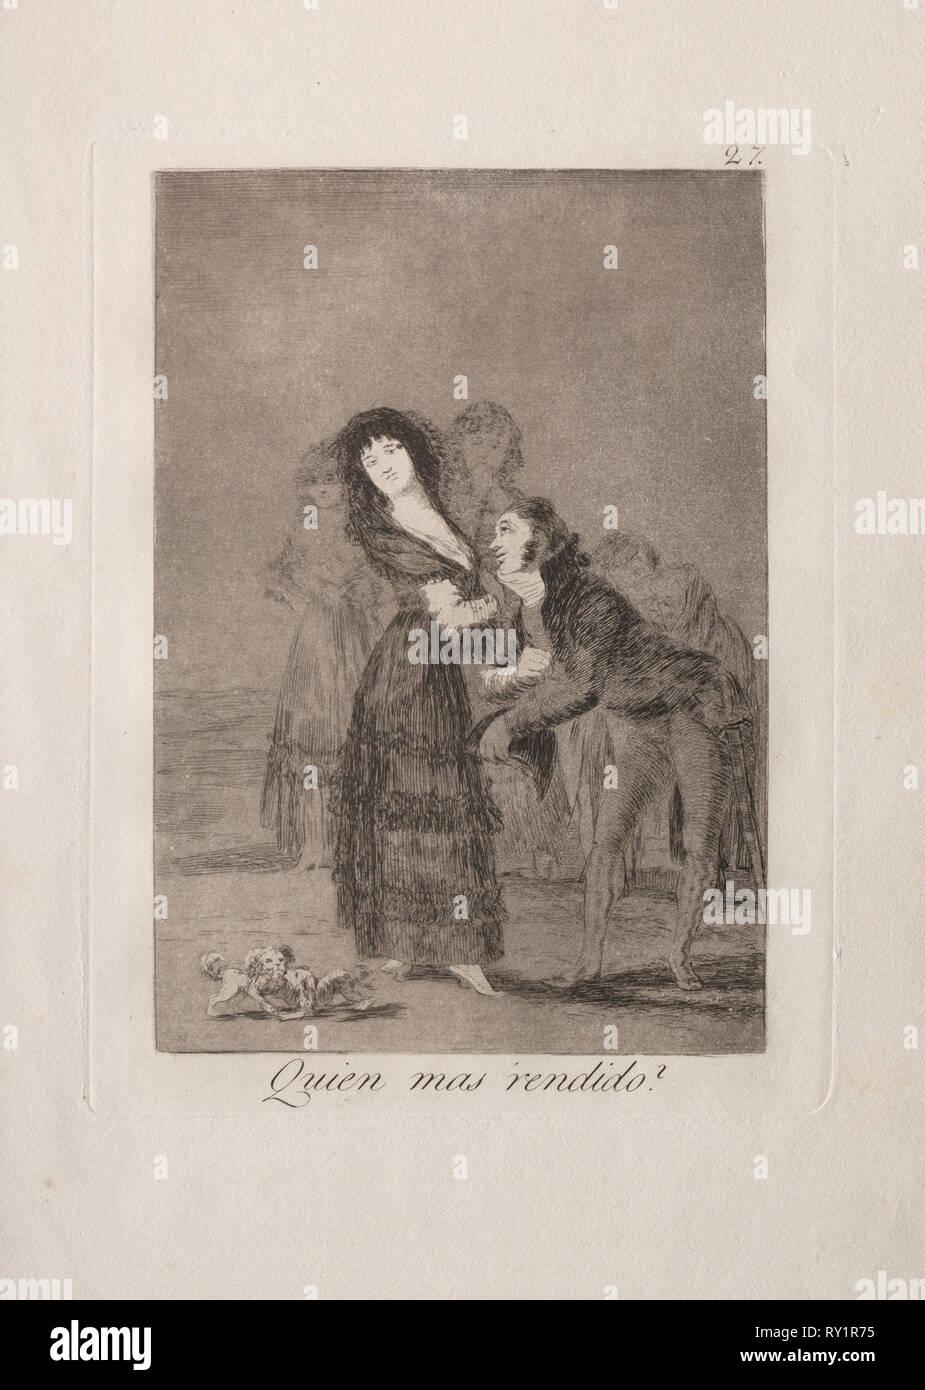 Caprichos: Lequel d'entre eux est le plus surmonter?. Francisco de Goya (Espagnol, 1746-1828). Eau-forte et aquatinte Photo Stock